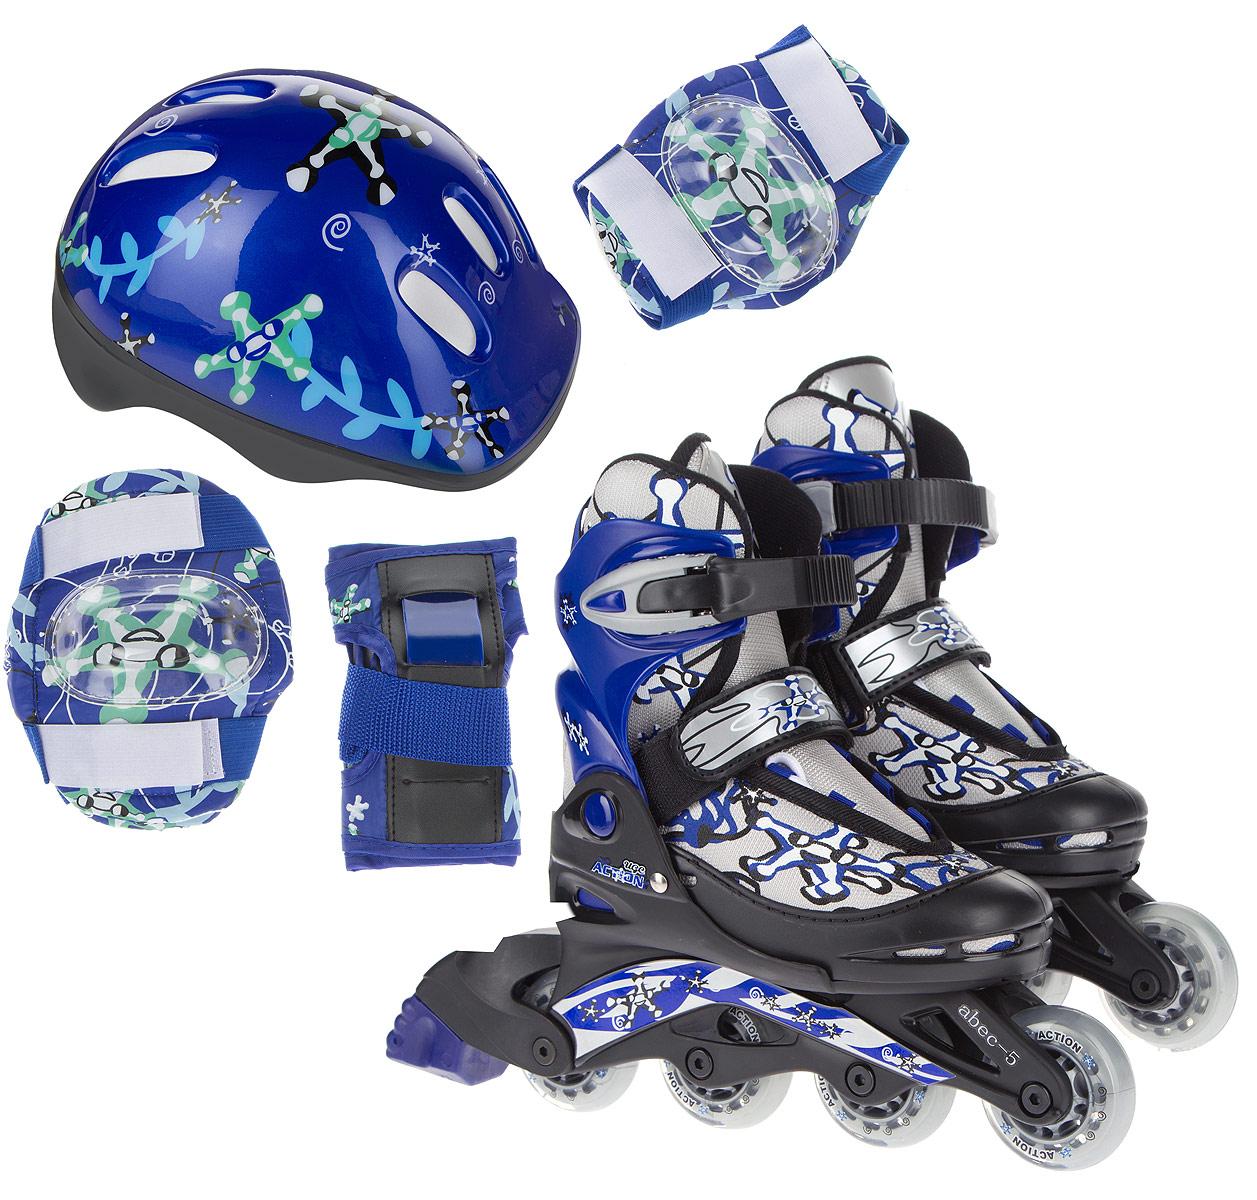 Набор Action: коньки роликовые, защита, шлем, цвет: синий, серый, черный, светло-зеленый, белый. PW-780. Размер 26/29PW-780Набор для катания на роликах Action состоит из роликовых коньков, защиты (колени, локти, запястья) и шлема. Ботинок конька изготовлен из текстильного материла со вставкам из искусственной кожи, обеспечивающих максимальную вентиляцию ноги. Облегченная конструкция ботинка из пластика обеспечивает улучшенную боковую поддержку и полный контроль над движением. Изделие по верху декорировано оригинальным принтом. Подкладка из мягкого текстиля комфортна при езде. Стелька изготовлена из ЭВА материала с текстильной верхней поверхностью. Классическая шнуровка с ремнем на липучке обеспечивает плотное закрепление пятки. На голенище модель фиксируется клипсой с фиксатором. Прочная рама из полипропилена отлично передает усилие ноги и позволяет быстро разгоняться. Полиуретановые колеса обеспечат плавное и бесшумное движение. Износостойкие подшипники класса ABEC-5 наименее восприимчивы к попаданию влаги и песка. Задник оснащен широкой текстильной петлей, благодаря которой изделие удобно обувать....